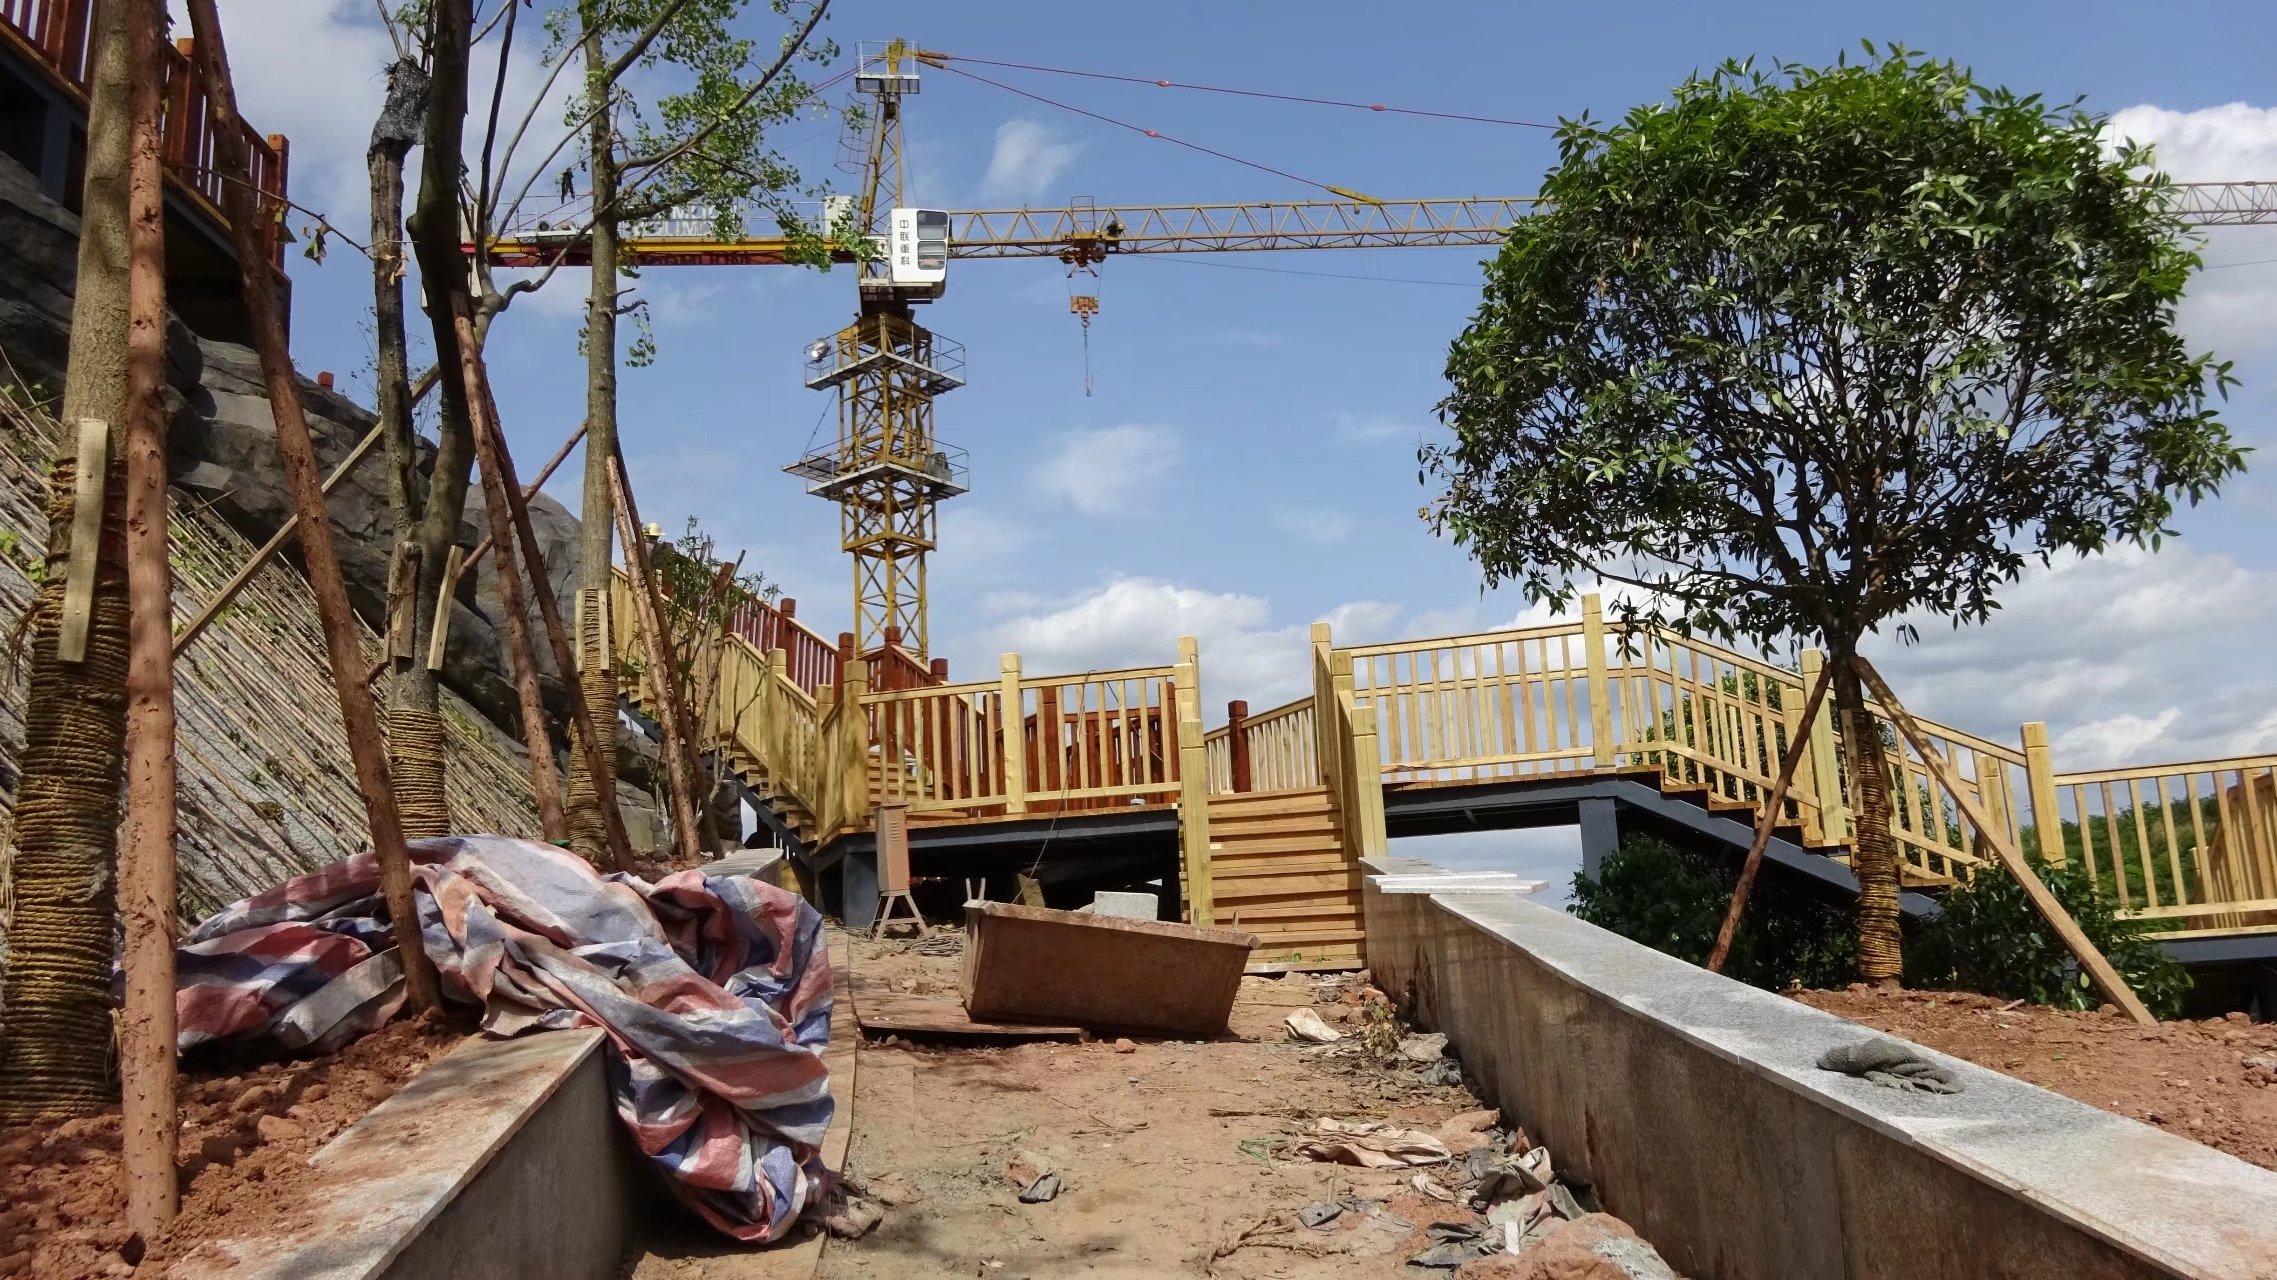 蓬安桑梓火锅公园施工进度(2018-05-10) - 第10张  | 蓬安在线